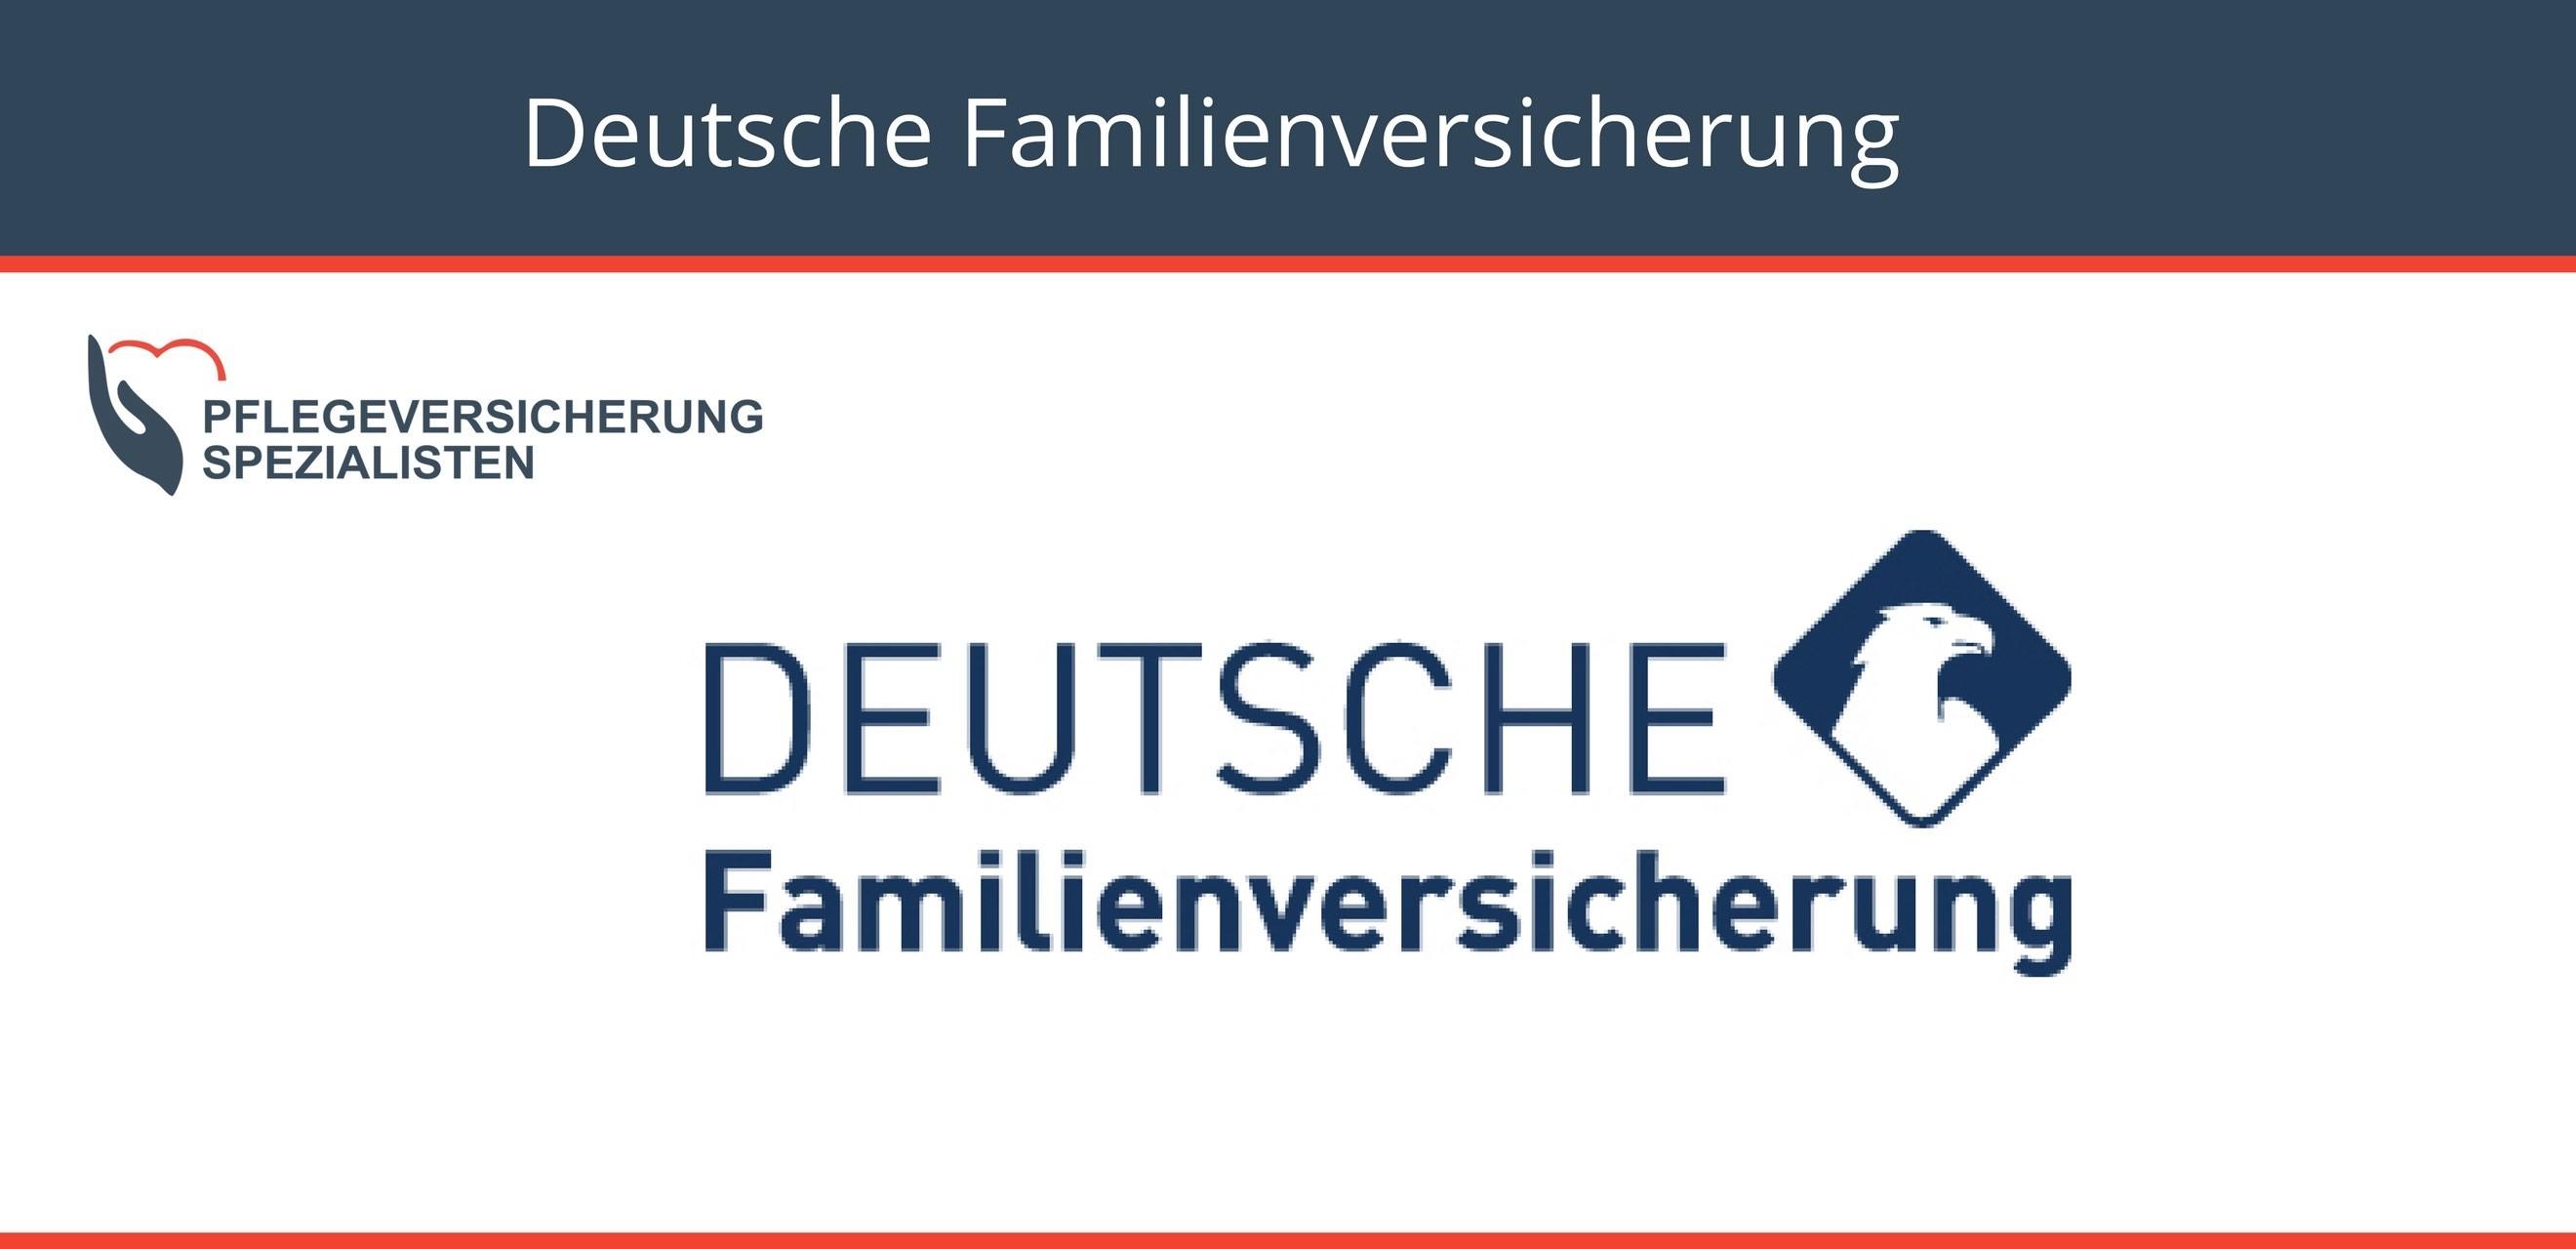 Die Pflegeversicherung Spezialisten informieren über die Pflegetarife der deutschen Familienversicherung